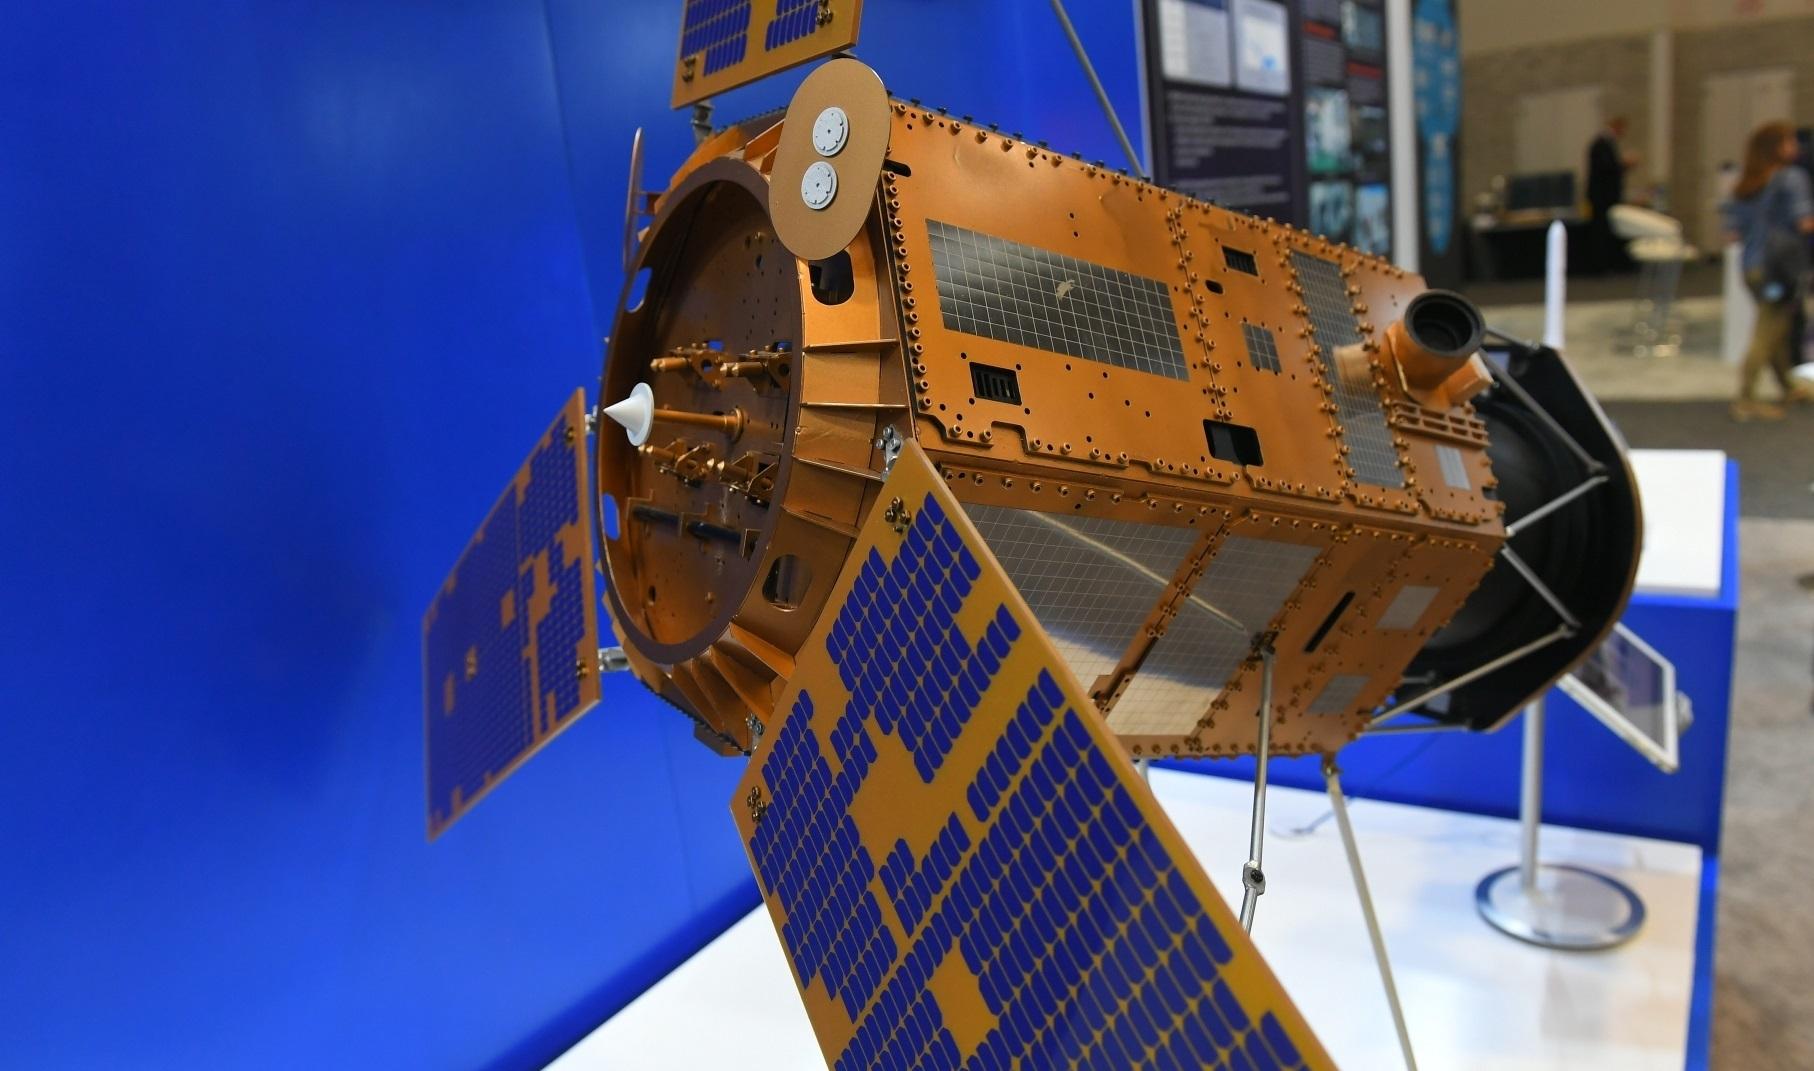 اليابان تؤجل إطلاق قمرها الجديد إلى الفضاء